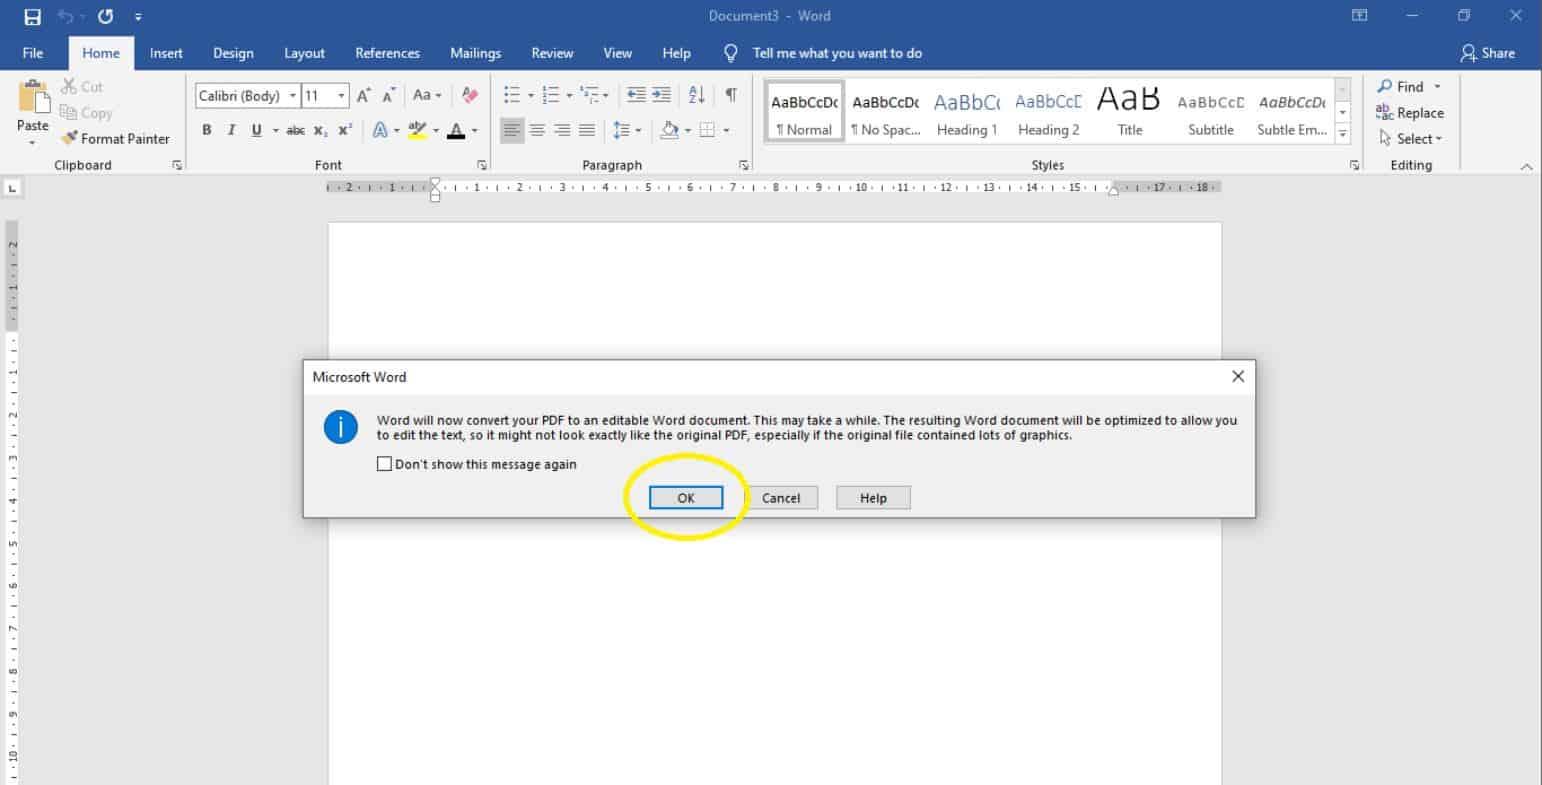 Nantinya-akan-muncul-Pop-Up-yang-memberikan-notifikasi-bahwa-file-PDF-tersebut-akan-segera-diconvert-ke-dalam-bentuk-Word